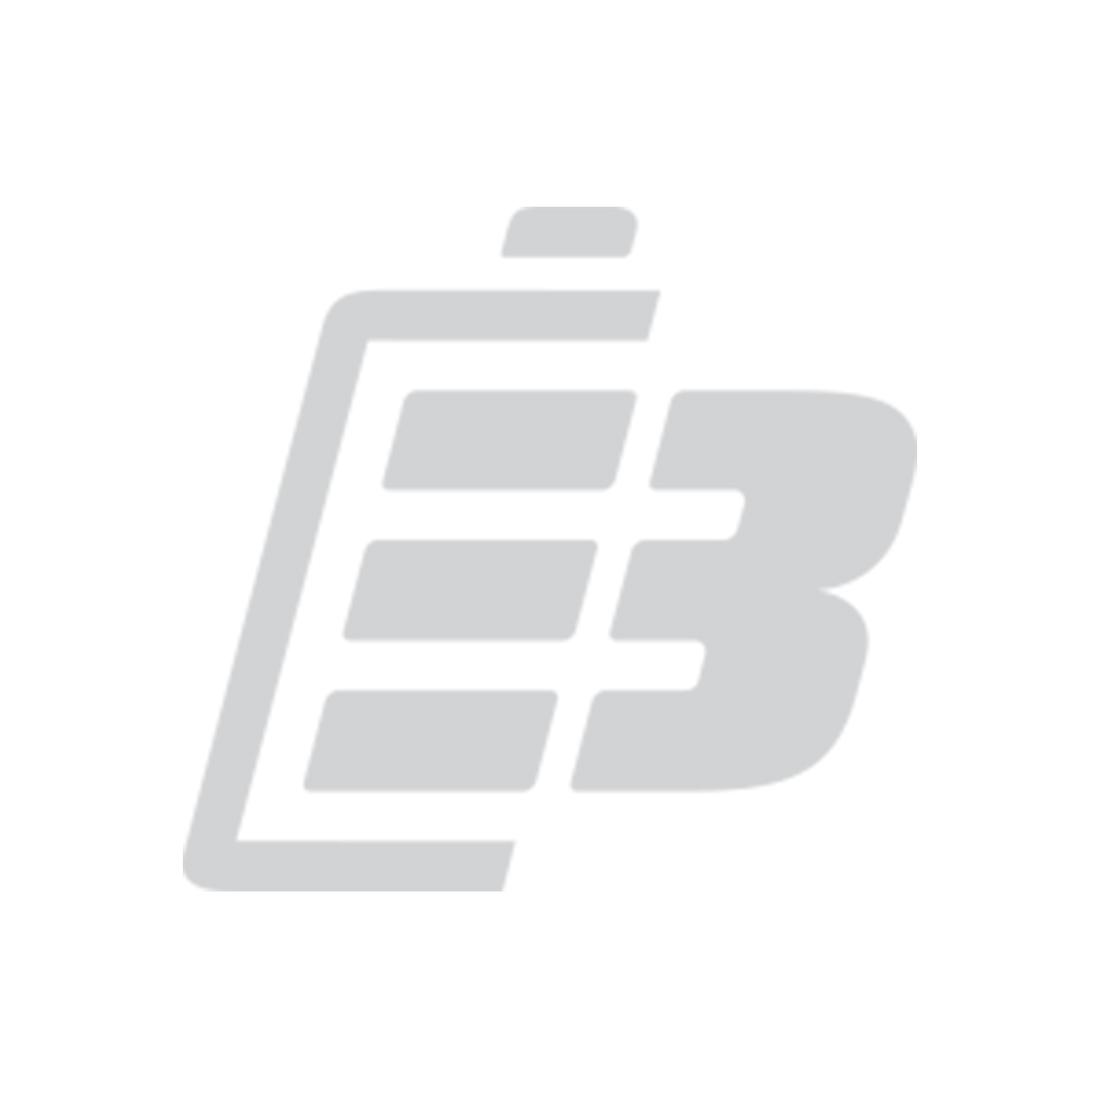 Μπαταρια Επαναφορτιζομενη Duracell AA 2500mah 1